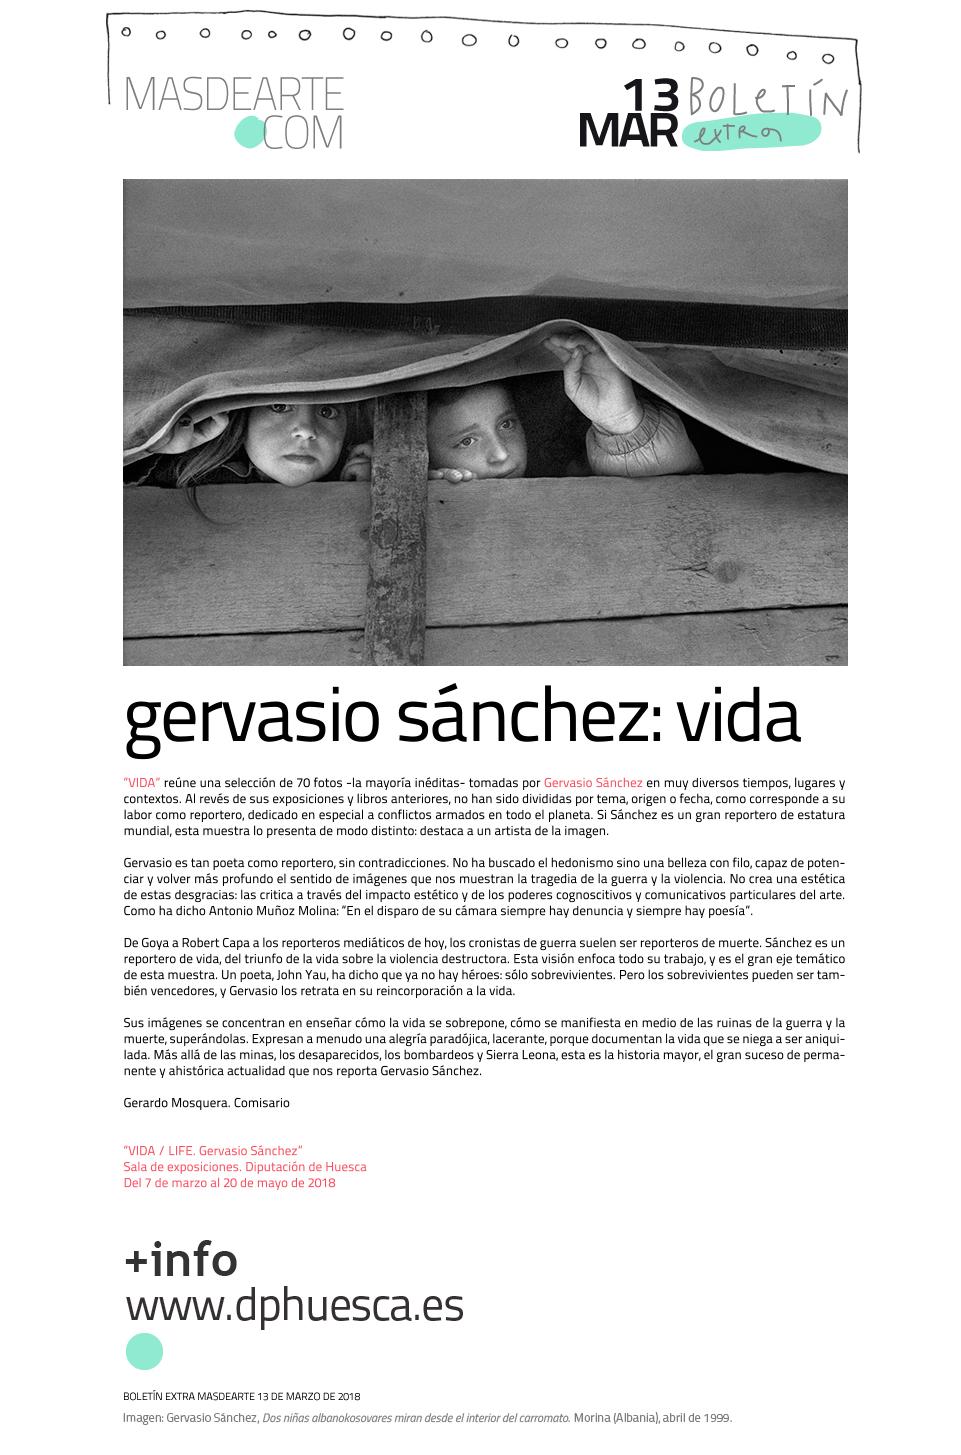 VIDA / LIFE. Gervasio Sánchez. Exposición en la Sala de exposiciones de la Diputación de Huesca, hasta el 20 de mayo de 2018